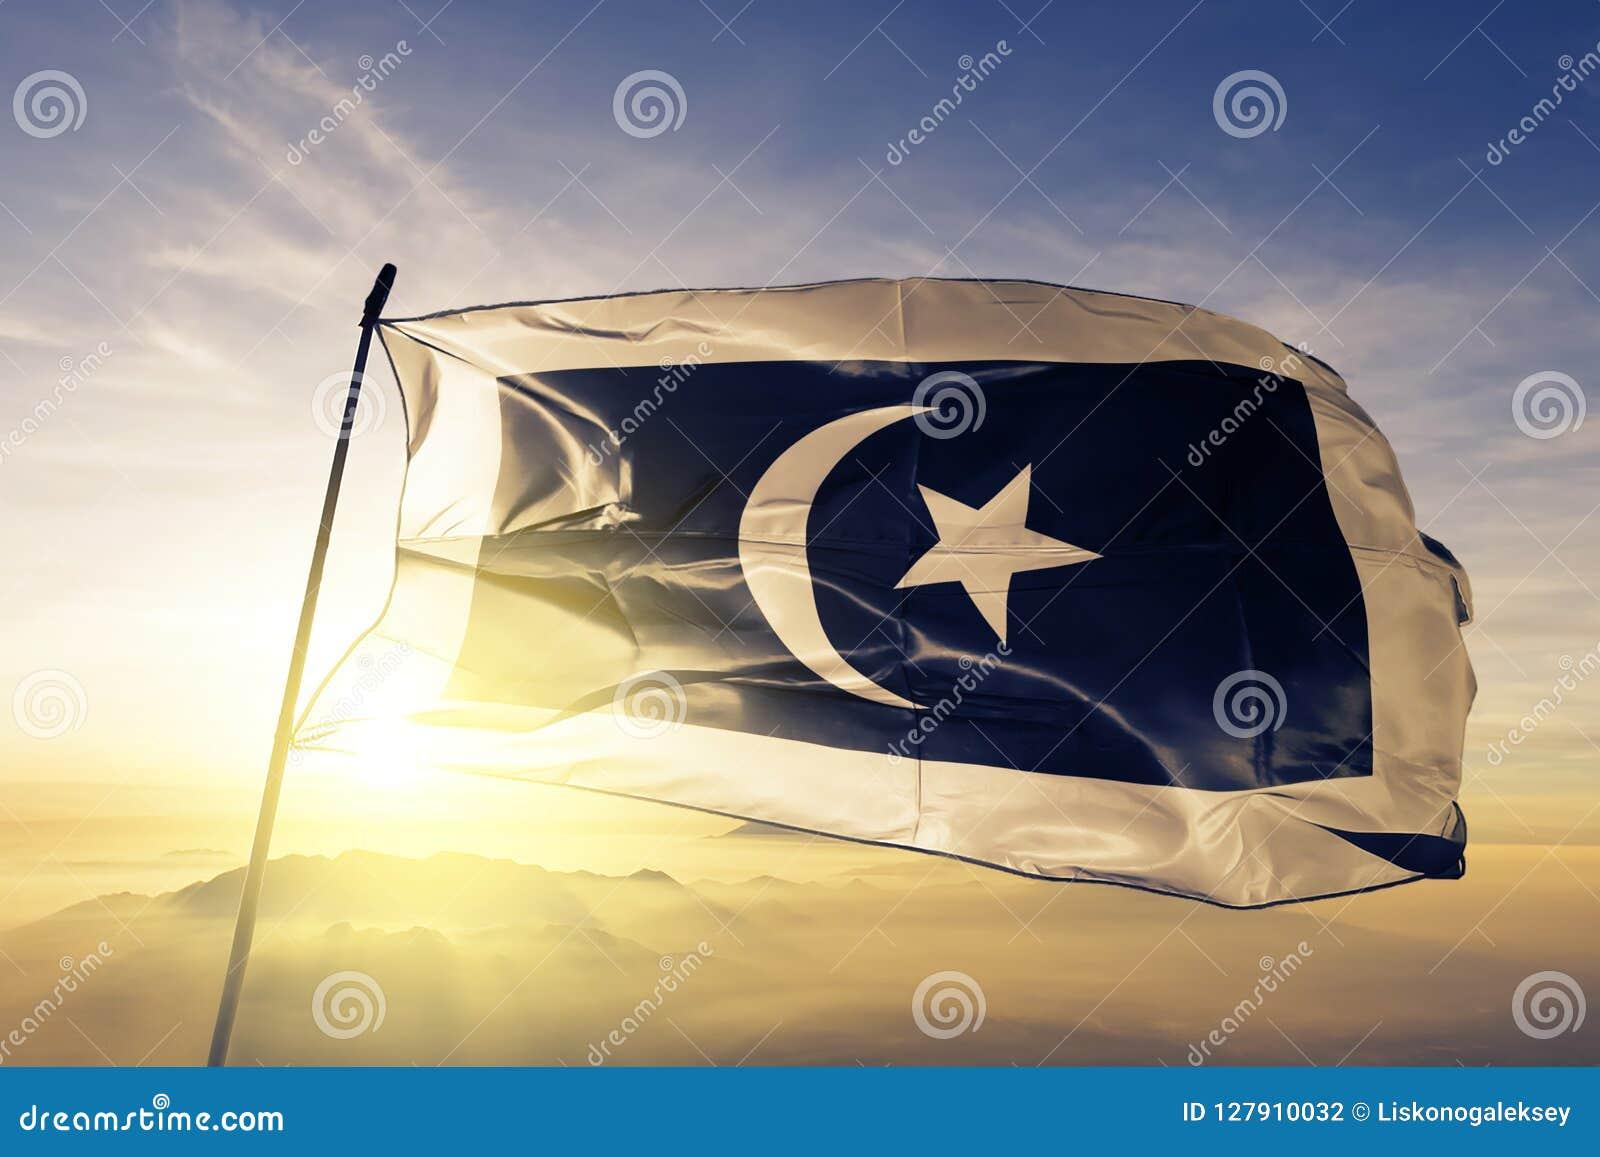 État de Terengganu de tissu de tissu de textile de drapeau de la Malaisie ondulant sur le brouillard supérieur de brume de lever